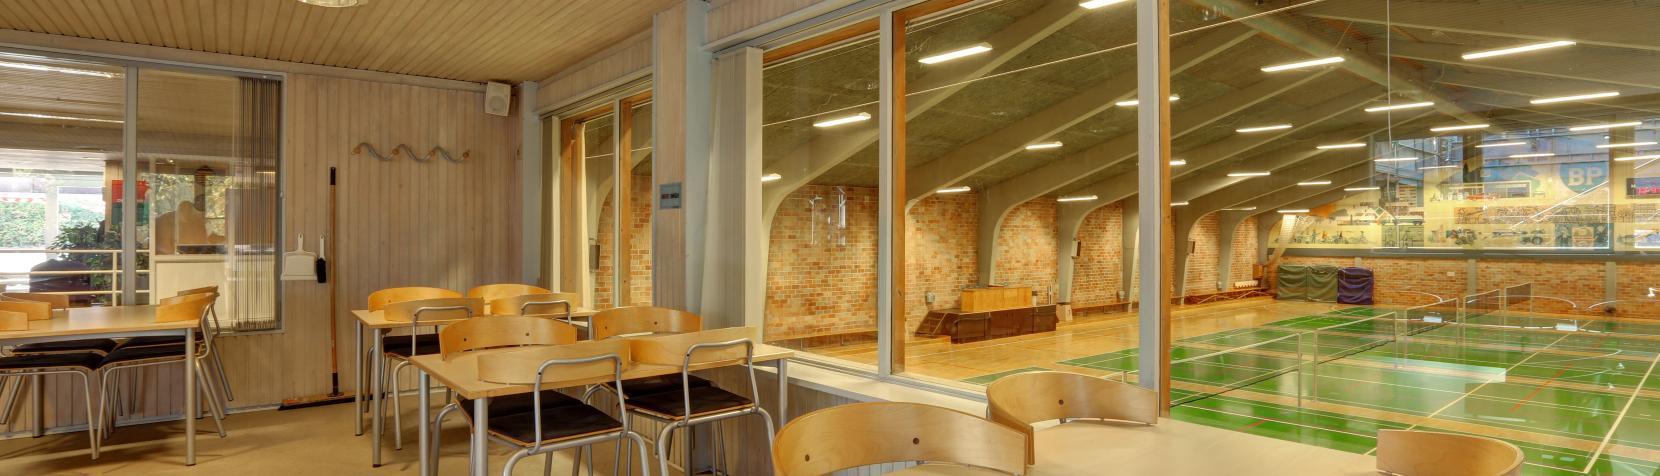 Foto: Holtehallerne - mødelokale i hal 1